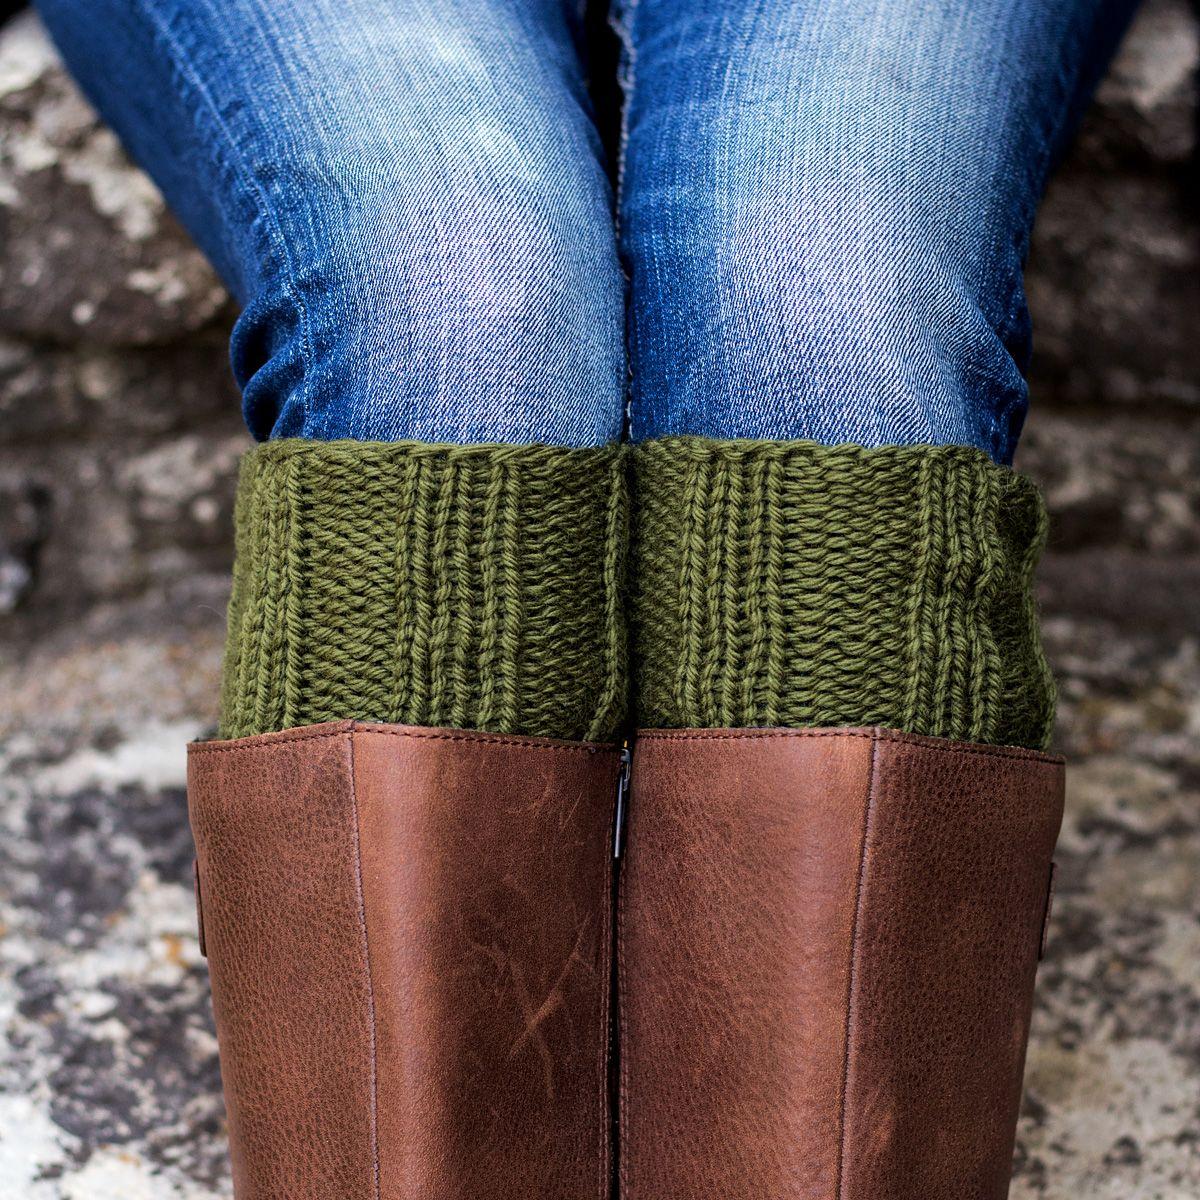 Candor Boot Cuff Knitting Pattern | Knitting | Pinterest | Knitting ...